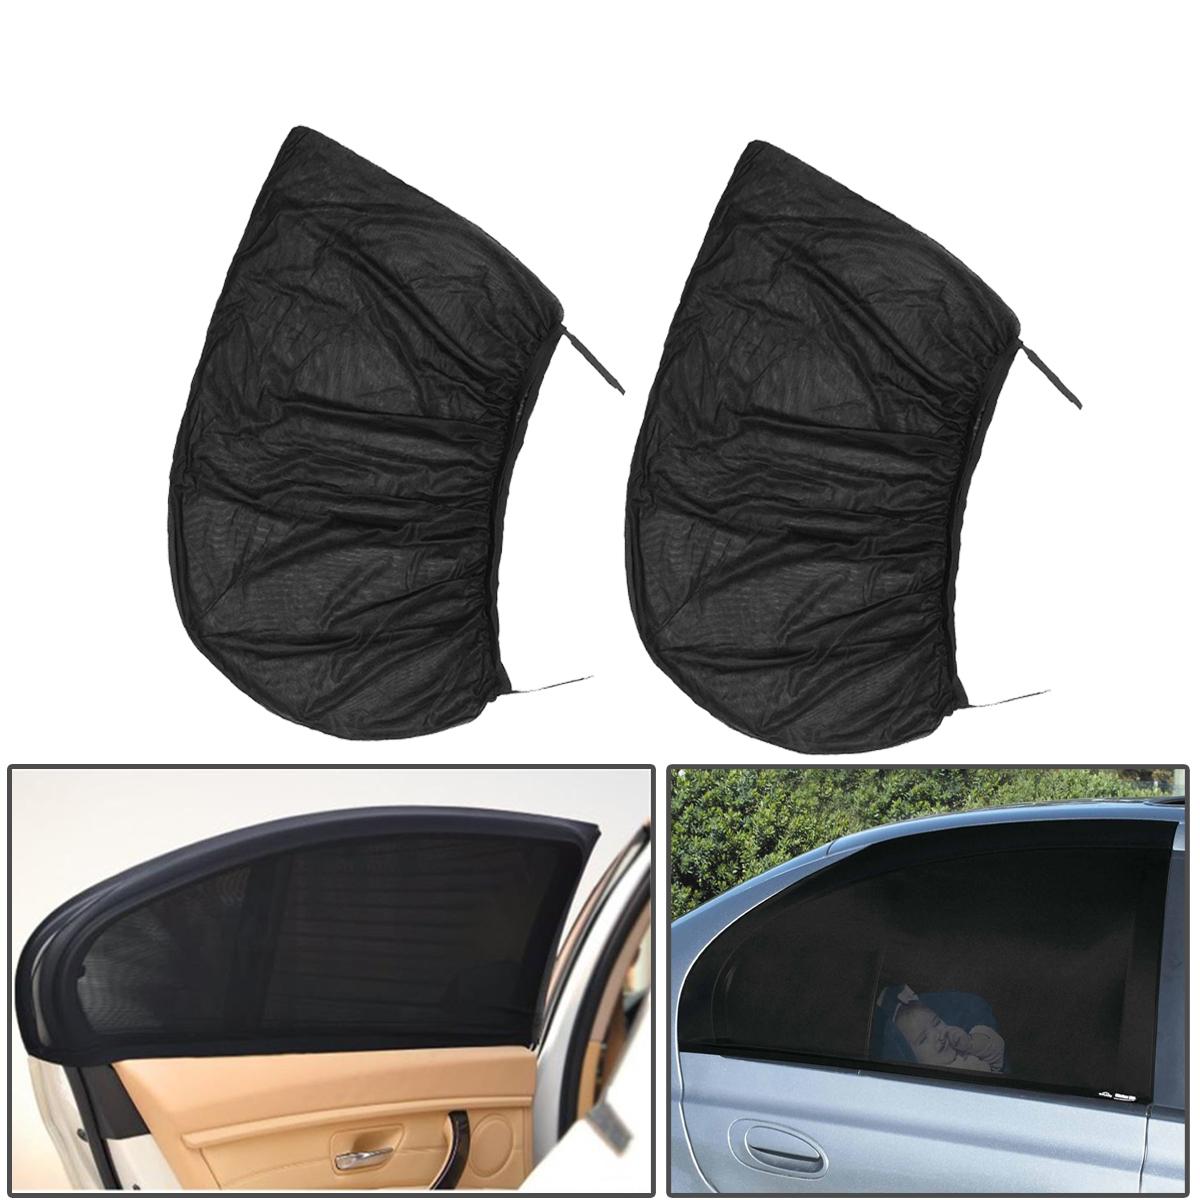 Шт Черный Авто Заднее окно Солнцезащитный чехол Крышка для занавеса UV Защитный щит Зонт нетто 115X50см